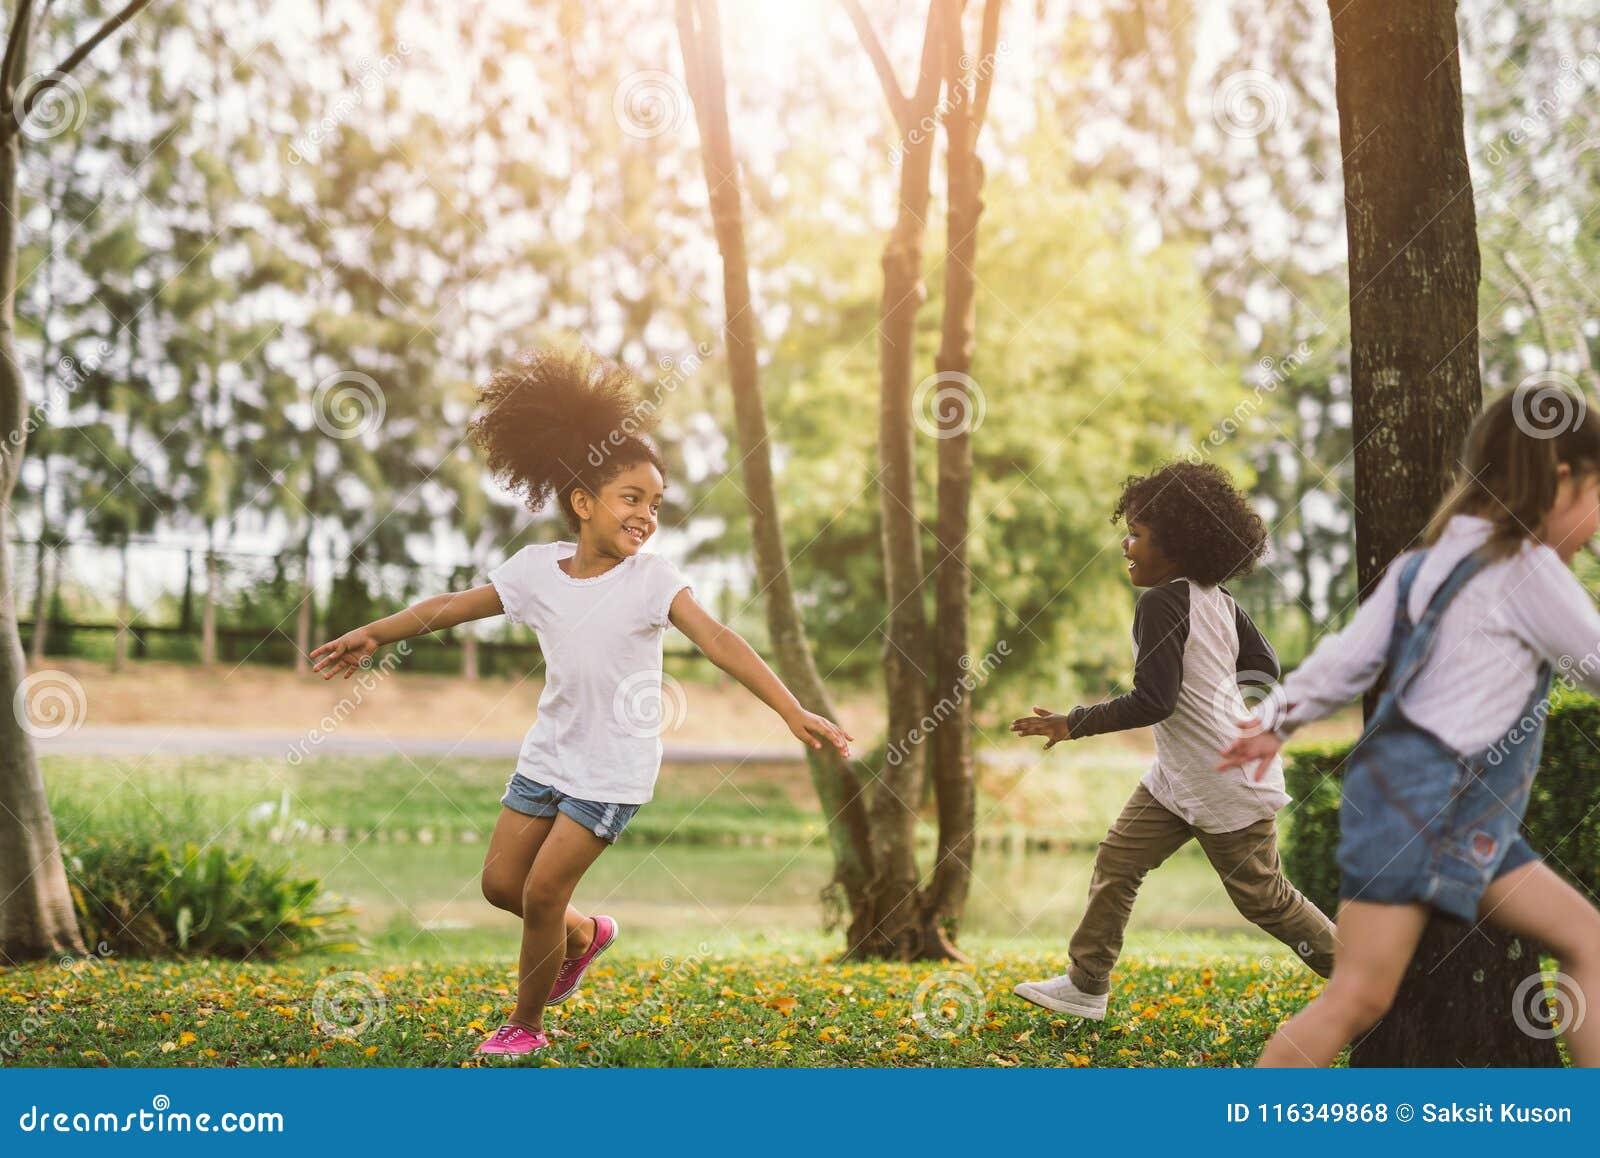 El jugar afroamericano lindo de la niña al aire libre